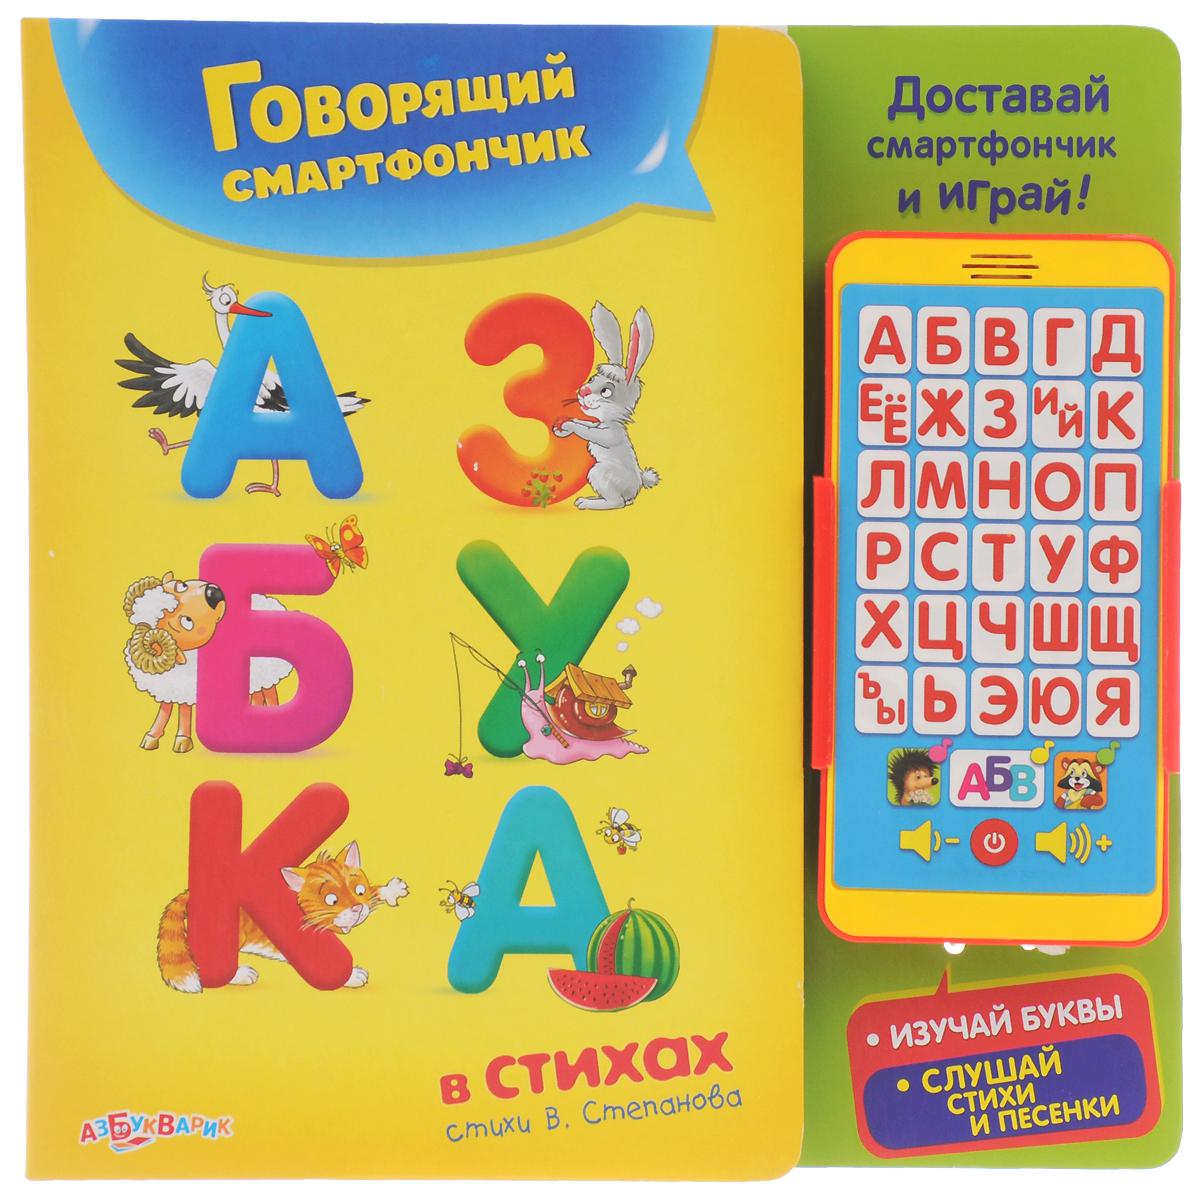 Азбука в стихах (+ игрушка говорящий смартфончик)12296407Эта азбука с говорящим смартфончиком поможет ребёнку быстро и легко запомнить алфавит. Малышу нужно только нажимать на кнопочки - и он услышит буквы и весёлые стихотворения с забавными звуками. Родители могут почитать своим детям стихи на страничках. А ещё смартфончик можно достать из книжки, играть с ним и слушать песенки.